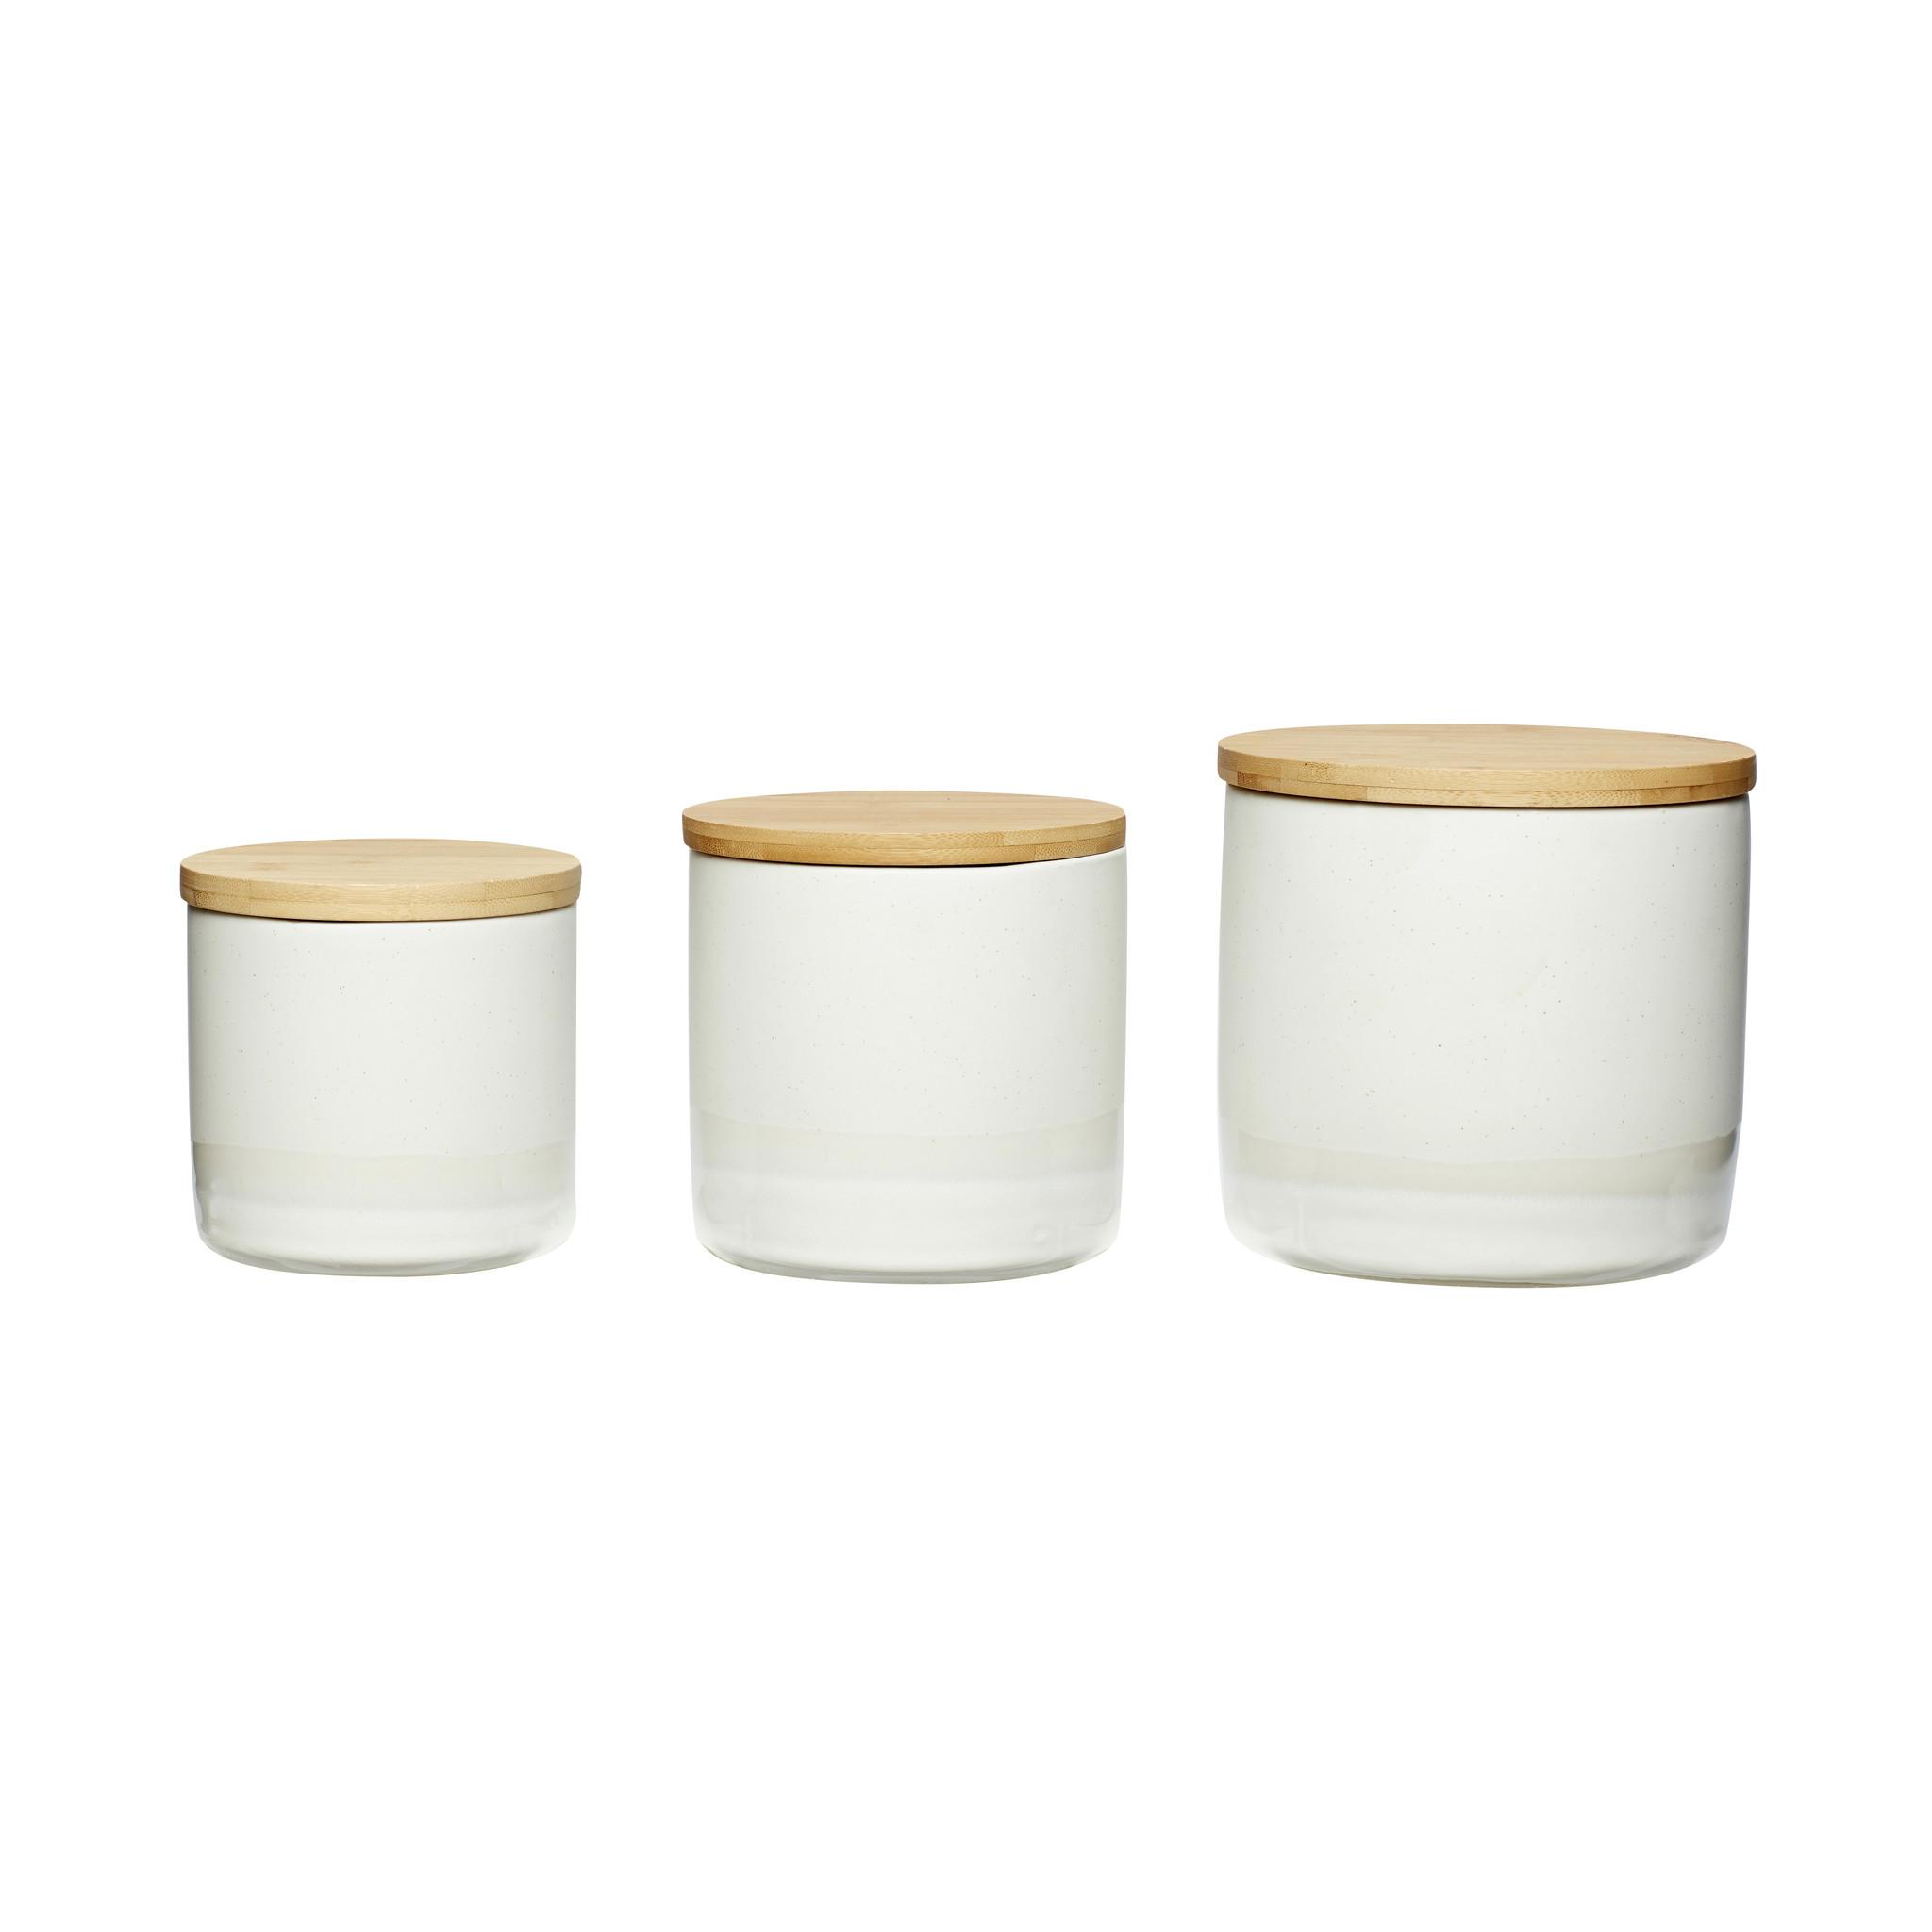 Hubsch Voorraadpot met houten deksel, keramiek, wit / natuur, set van 3-760212-5712772052372